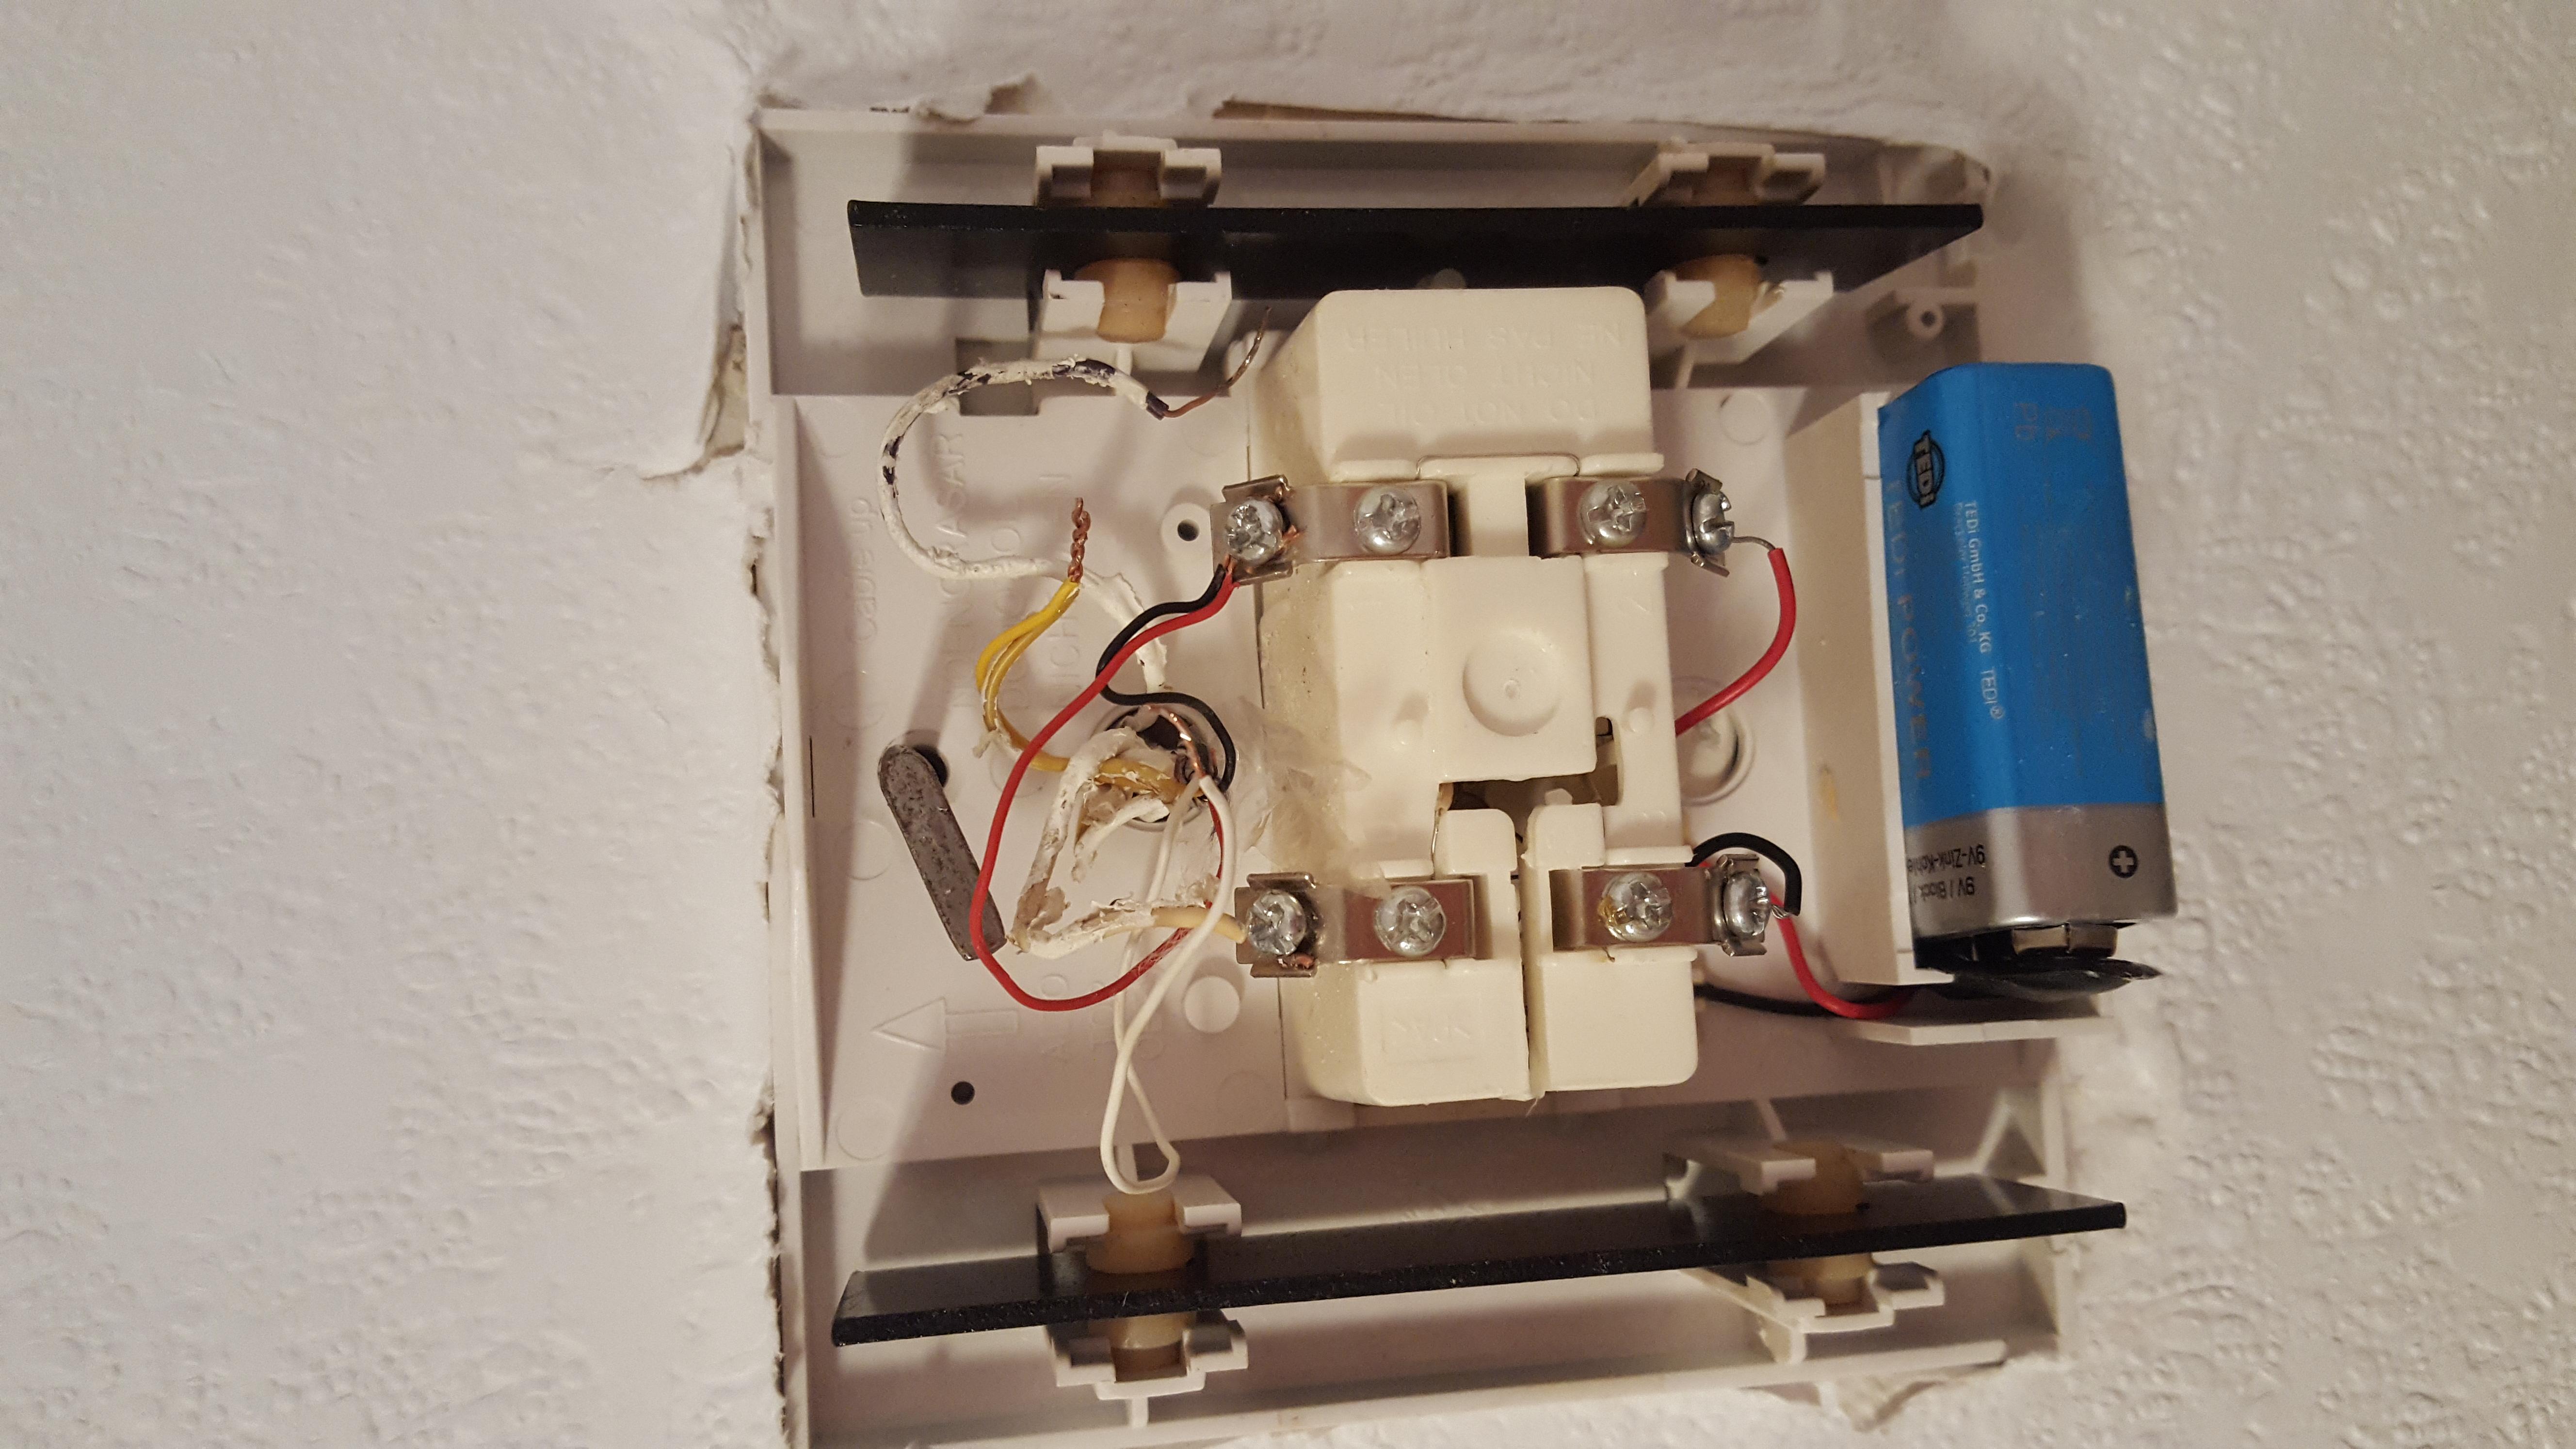 klingel gong wie kabel anschließen? (computer, technik, technologie)